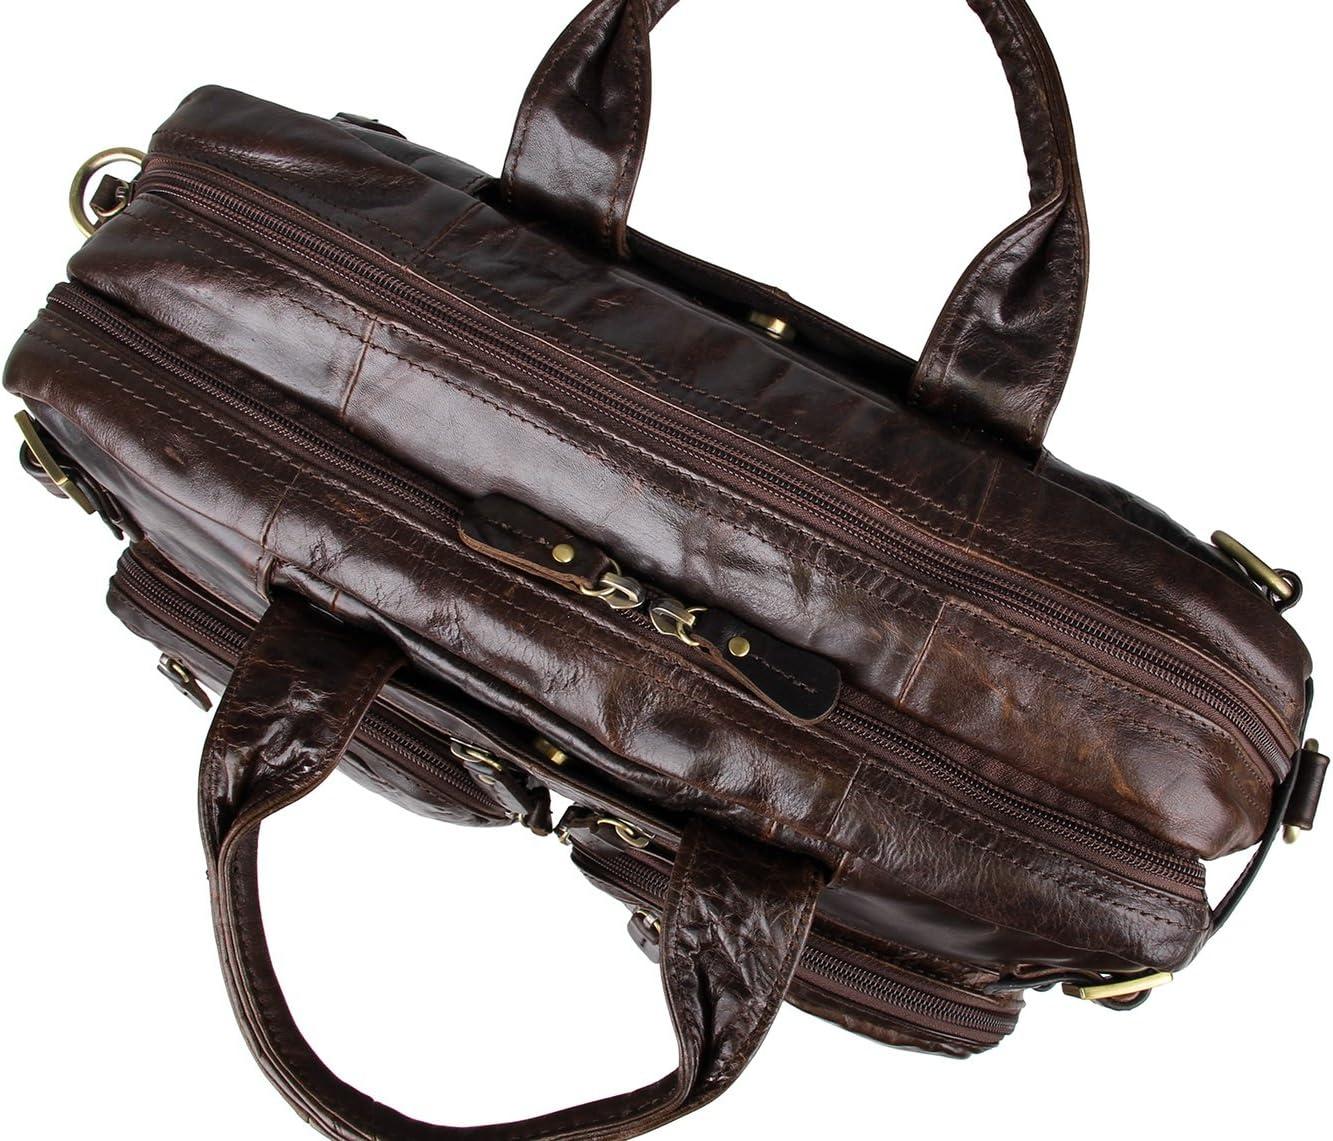 M43Darkbrown Sac de Messager M43 Sac dordinateur Portable Sac /à Dos AB Earth pour Homme en Cuir V/éritable Malette